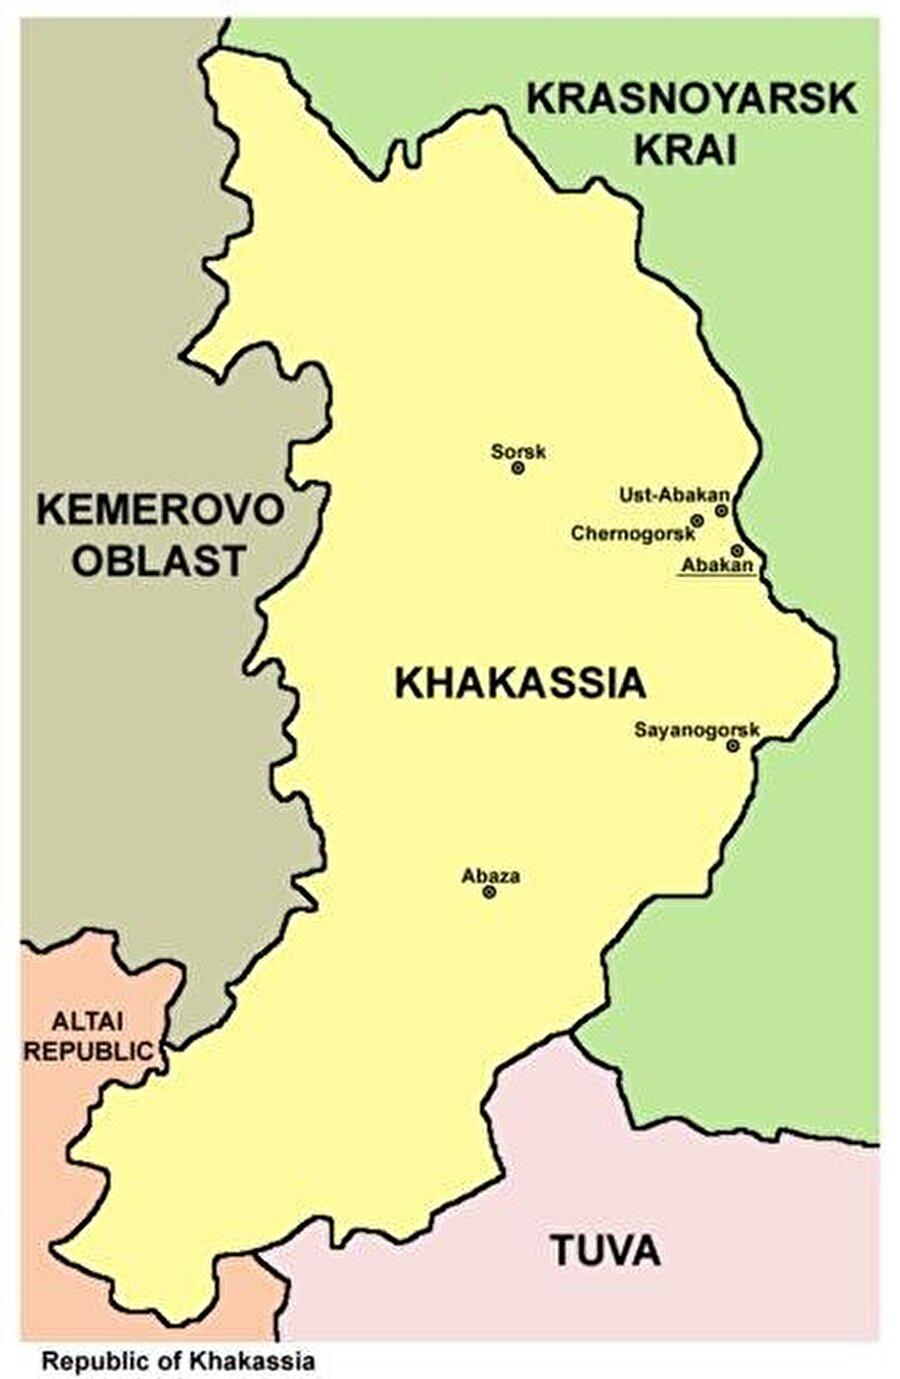 Başkent: Abakan Nüfus: 532.403 Yüzölçümü: 61.900 km² Dil: Hakas Türkçesi Din: Şamanizm